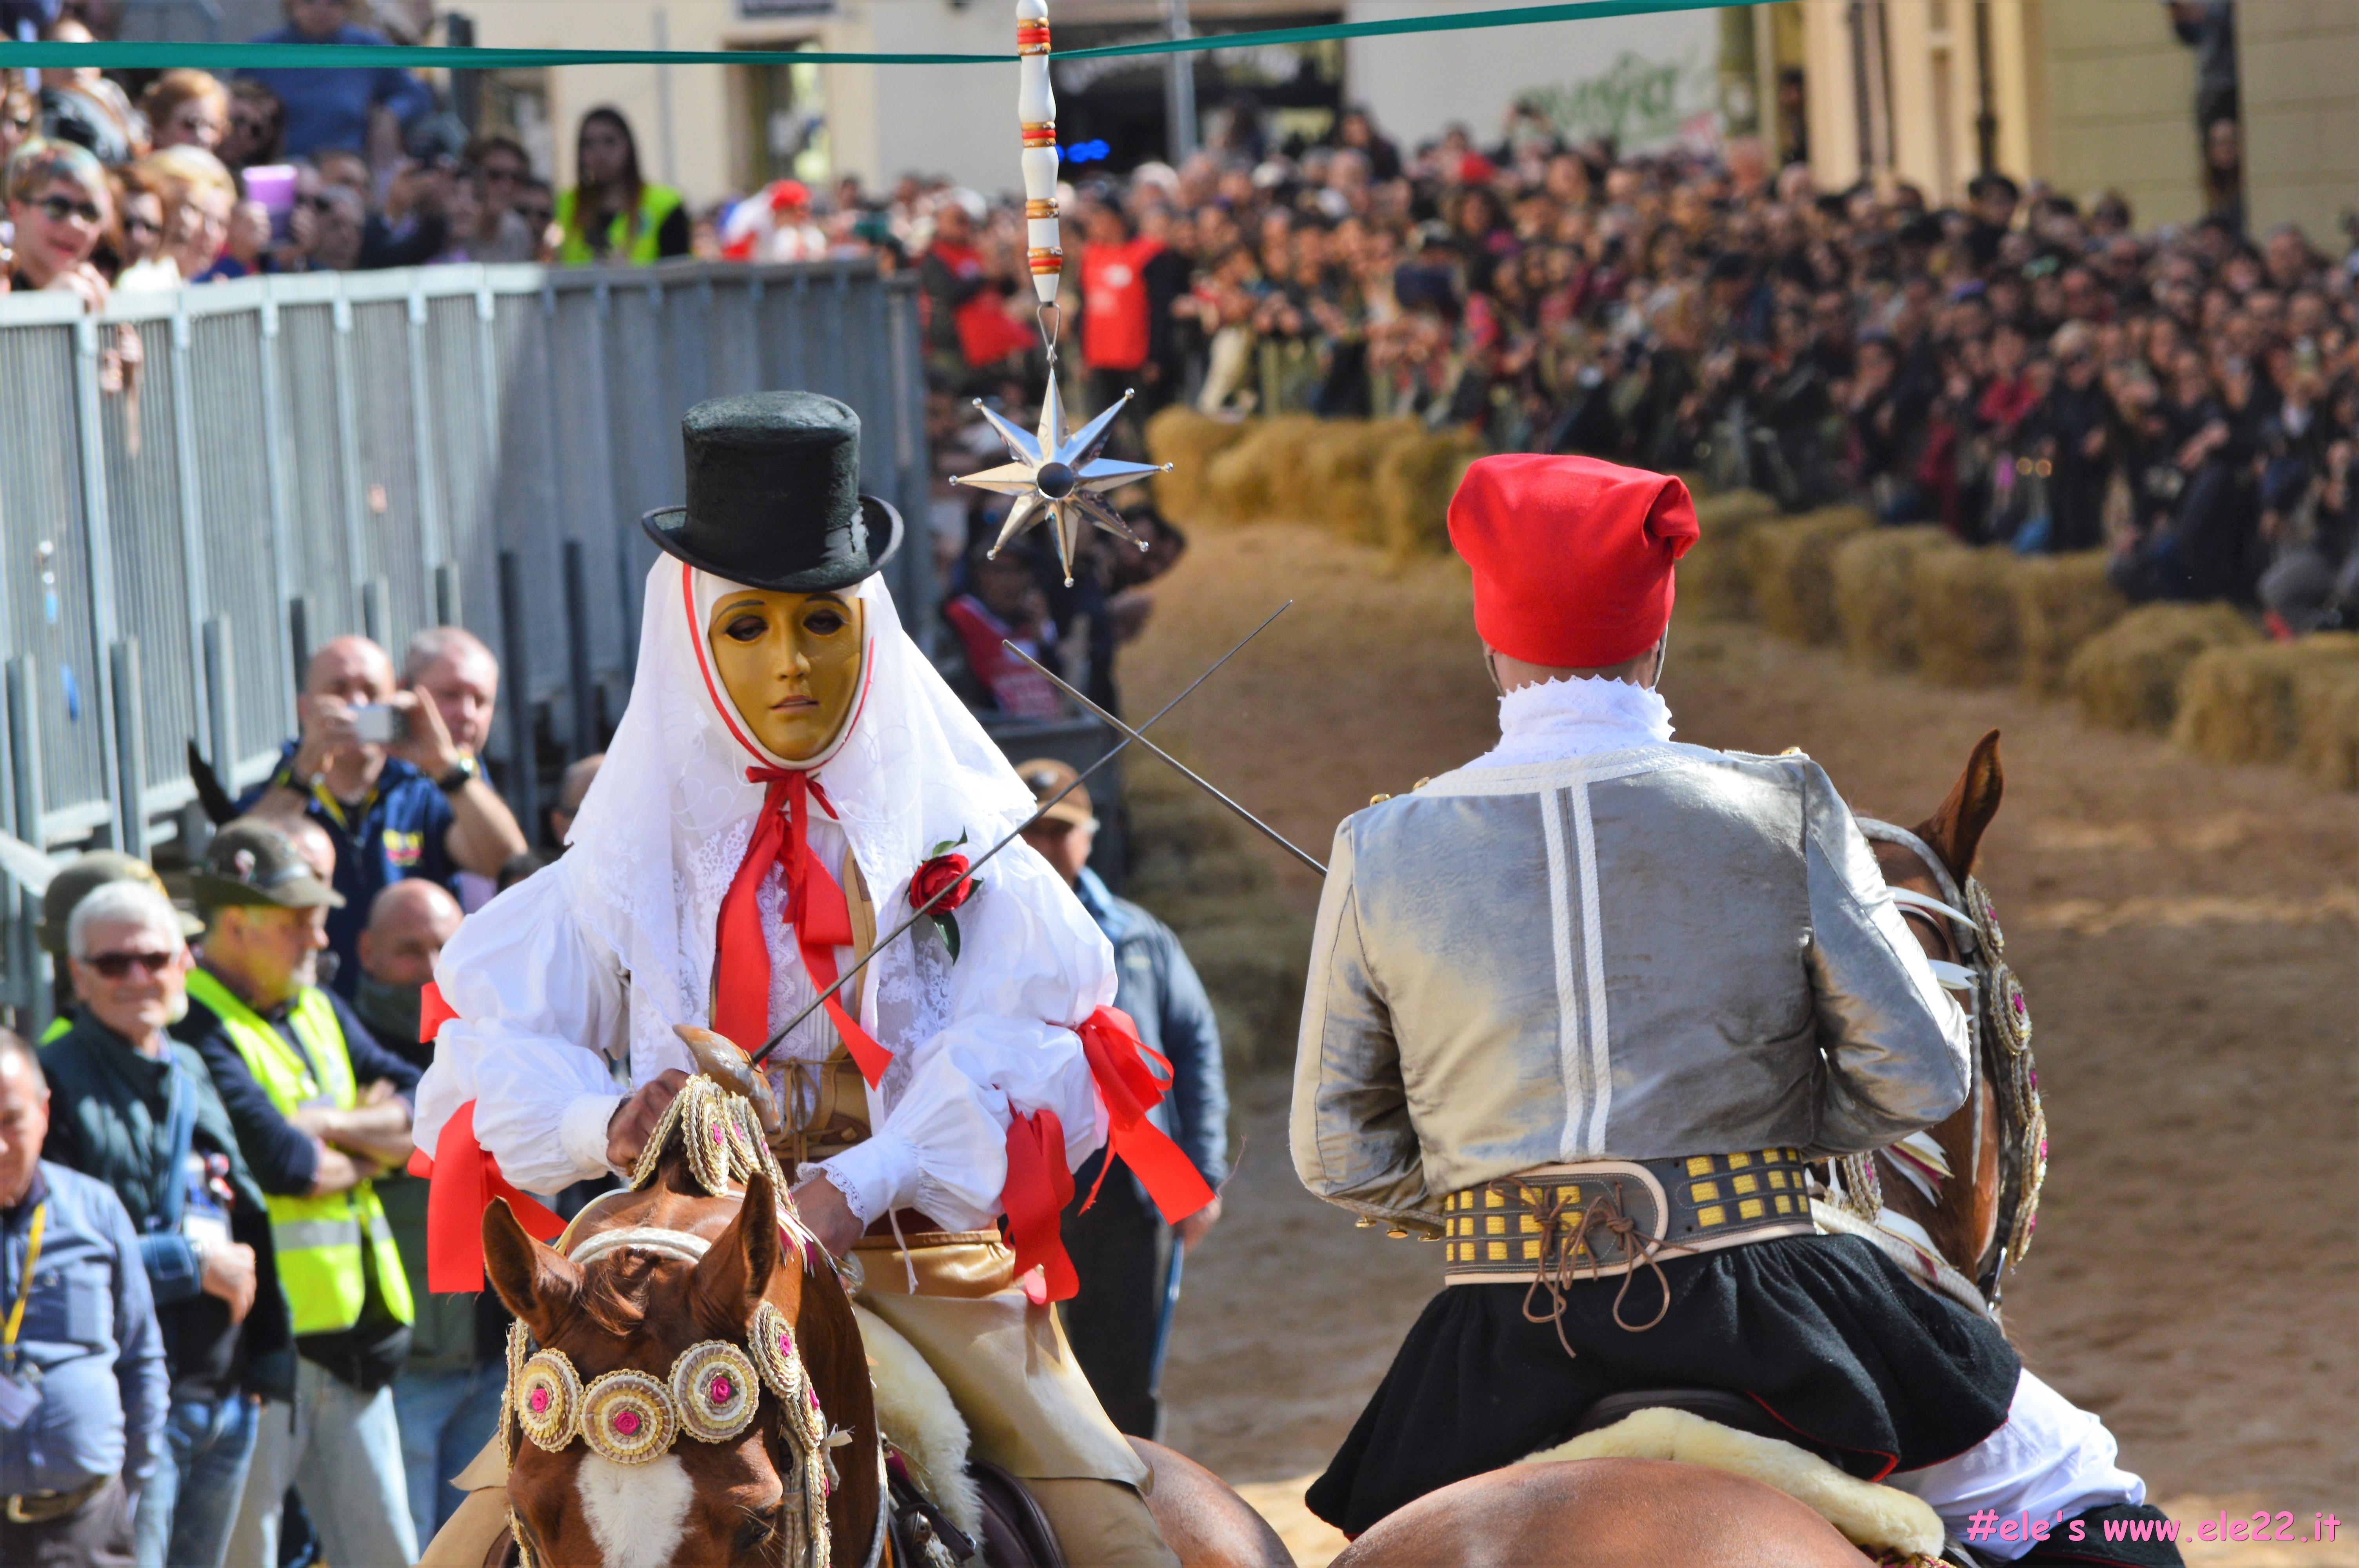 Incrocio di Spade a Sa Sartiglia ph Ele's www.ele22.it